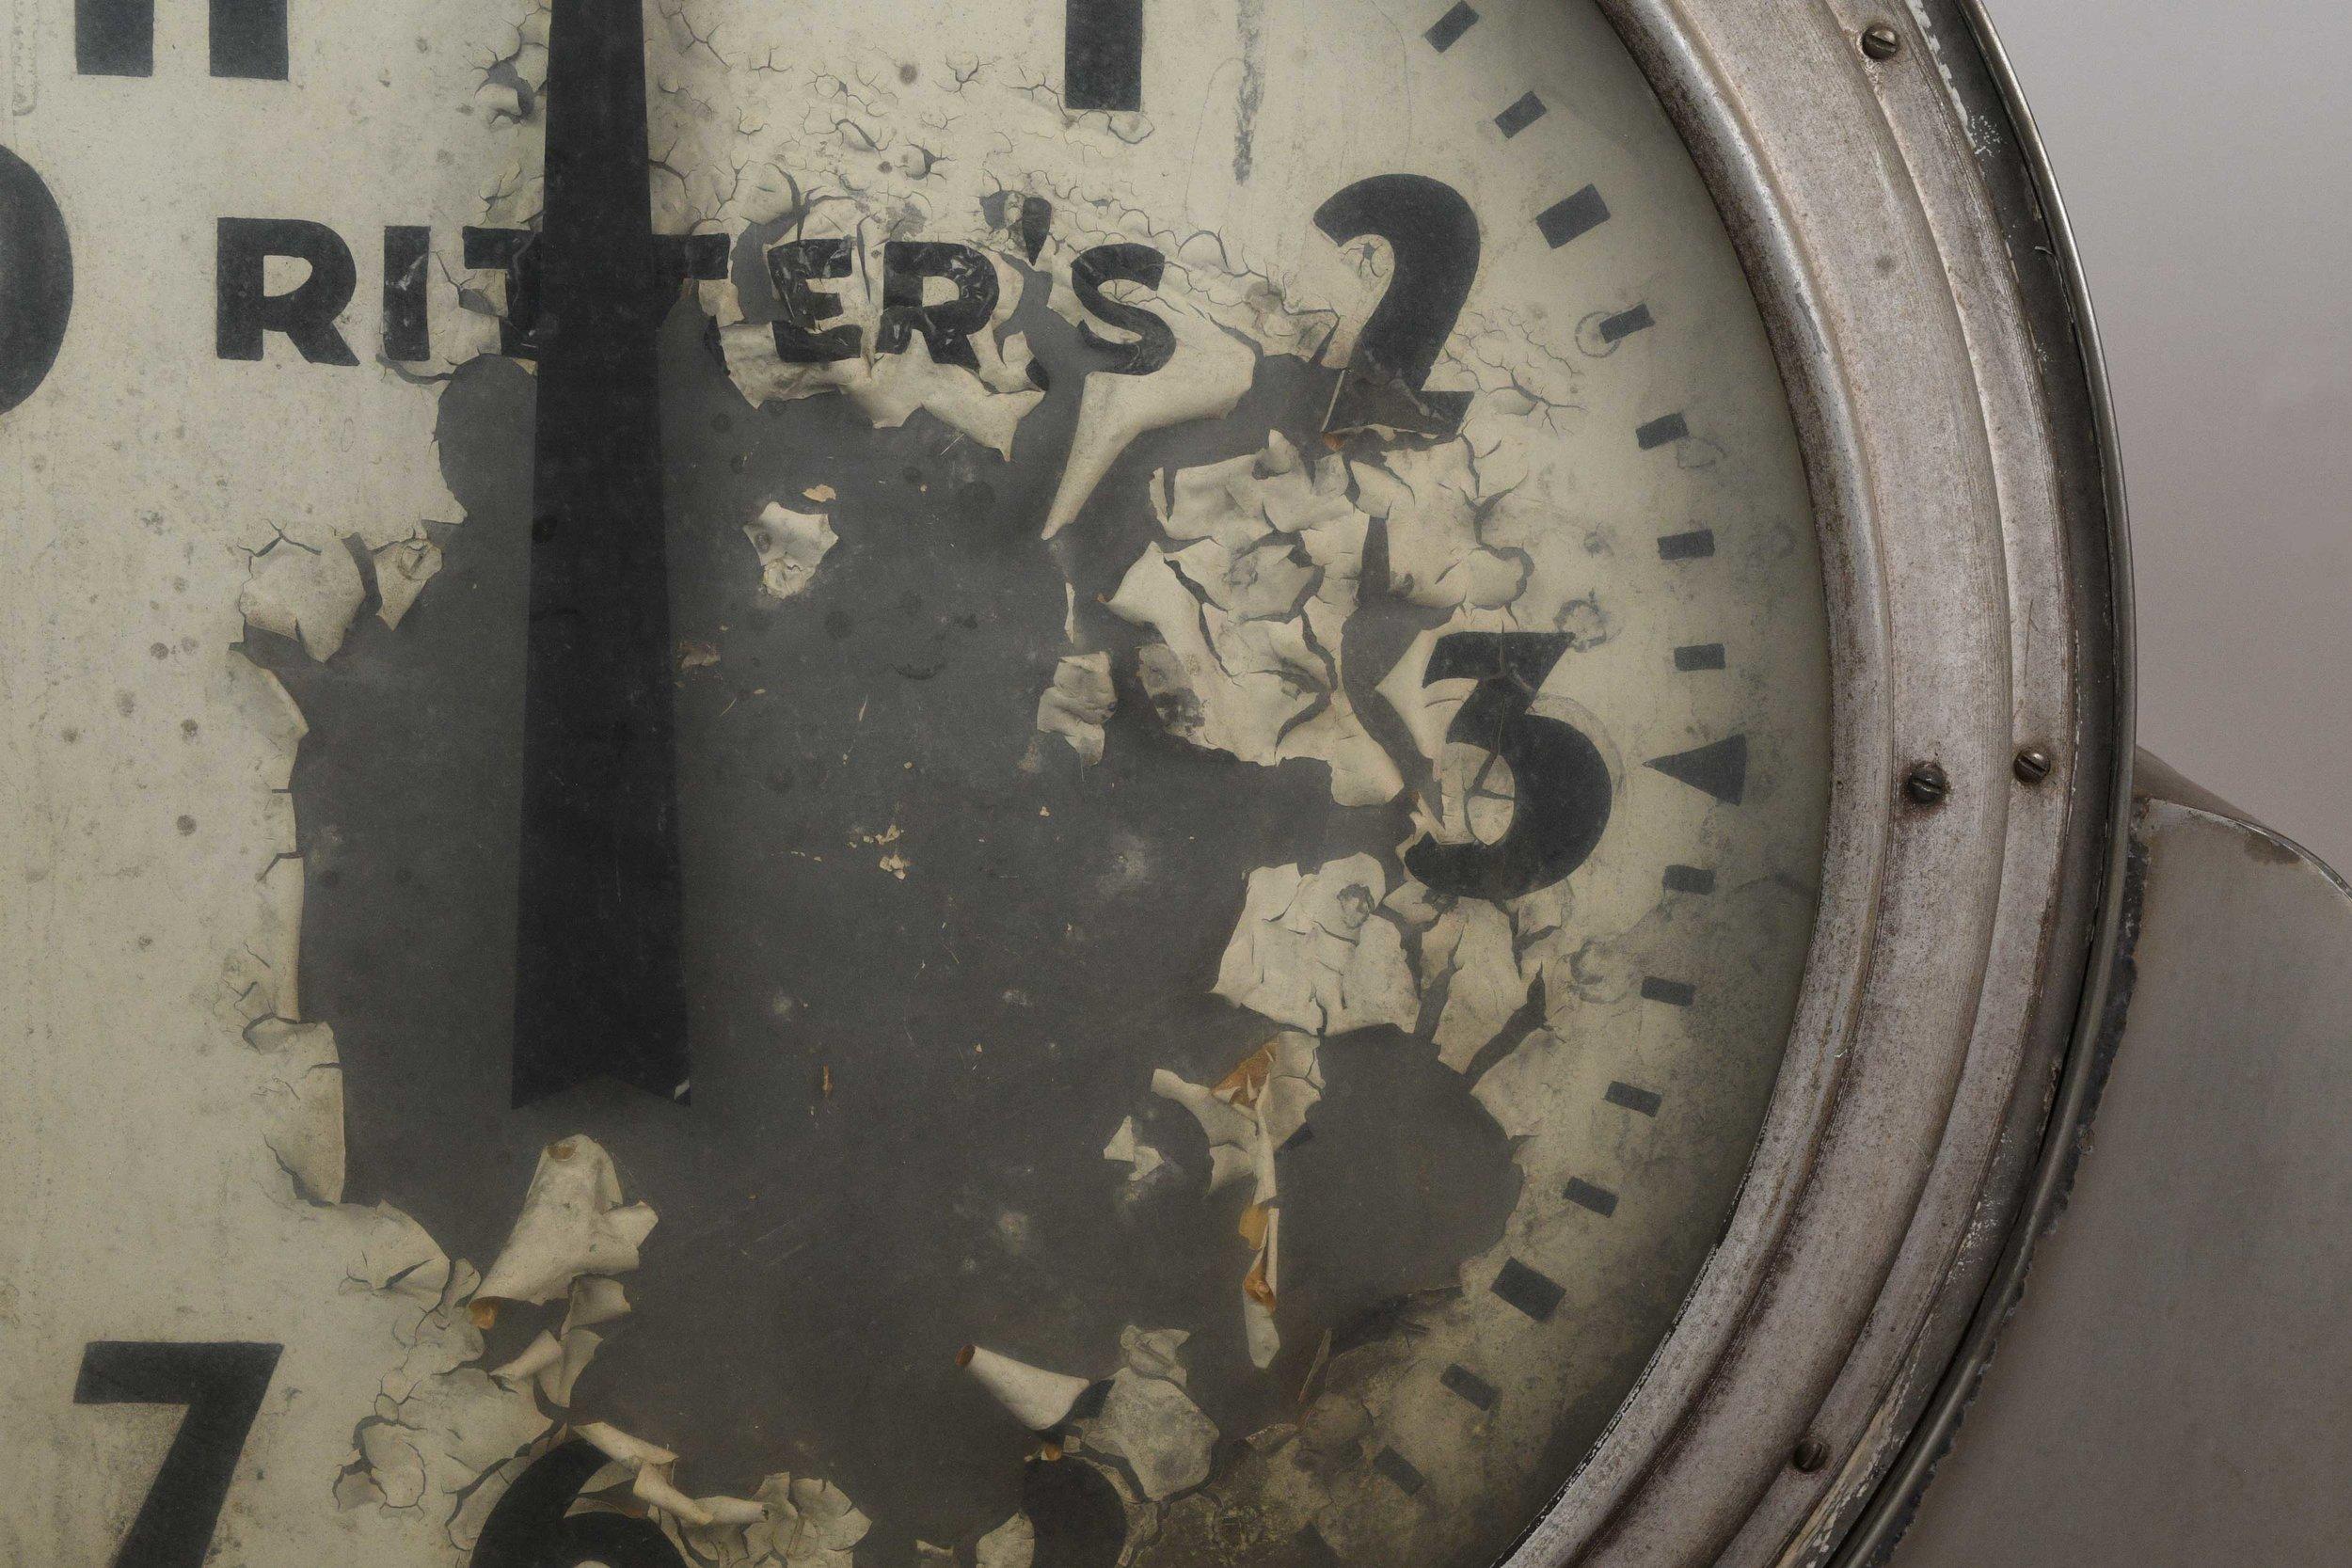 47734_largerittersclock_detail2.jpg